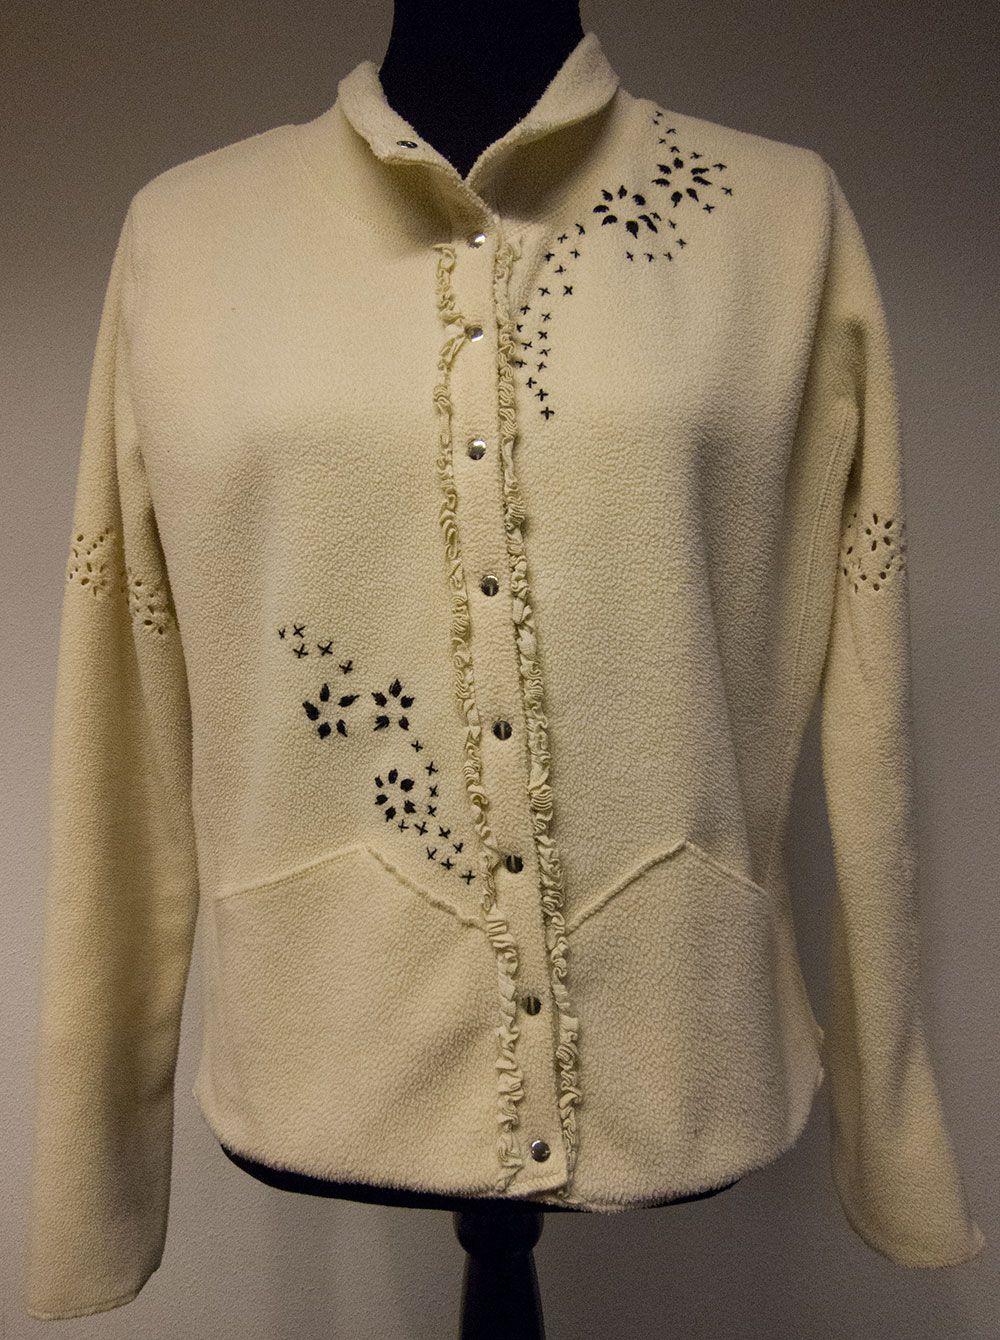 Zwart jasje met bladeren opdruk jassen en blouses pinterest